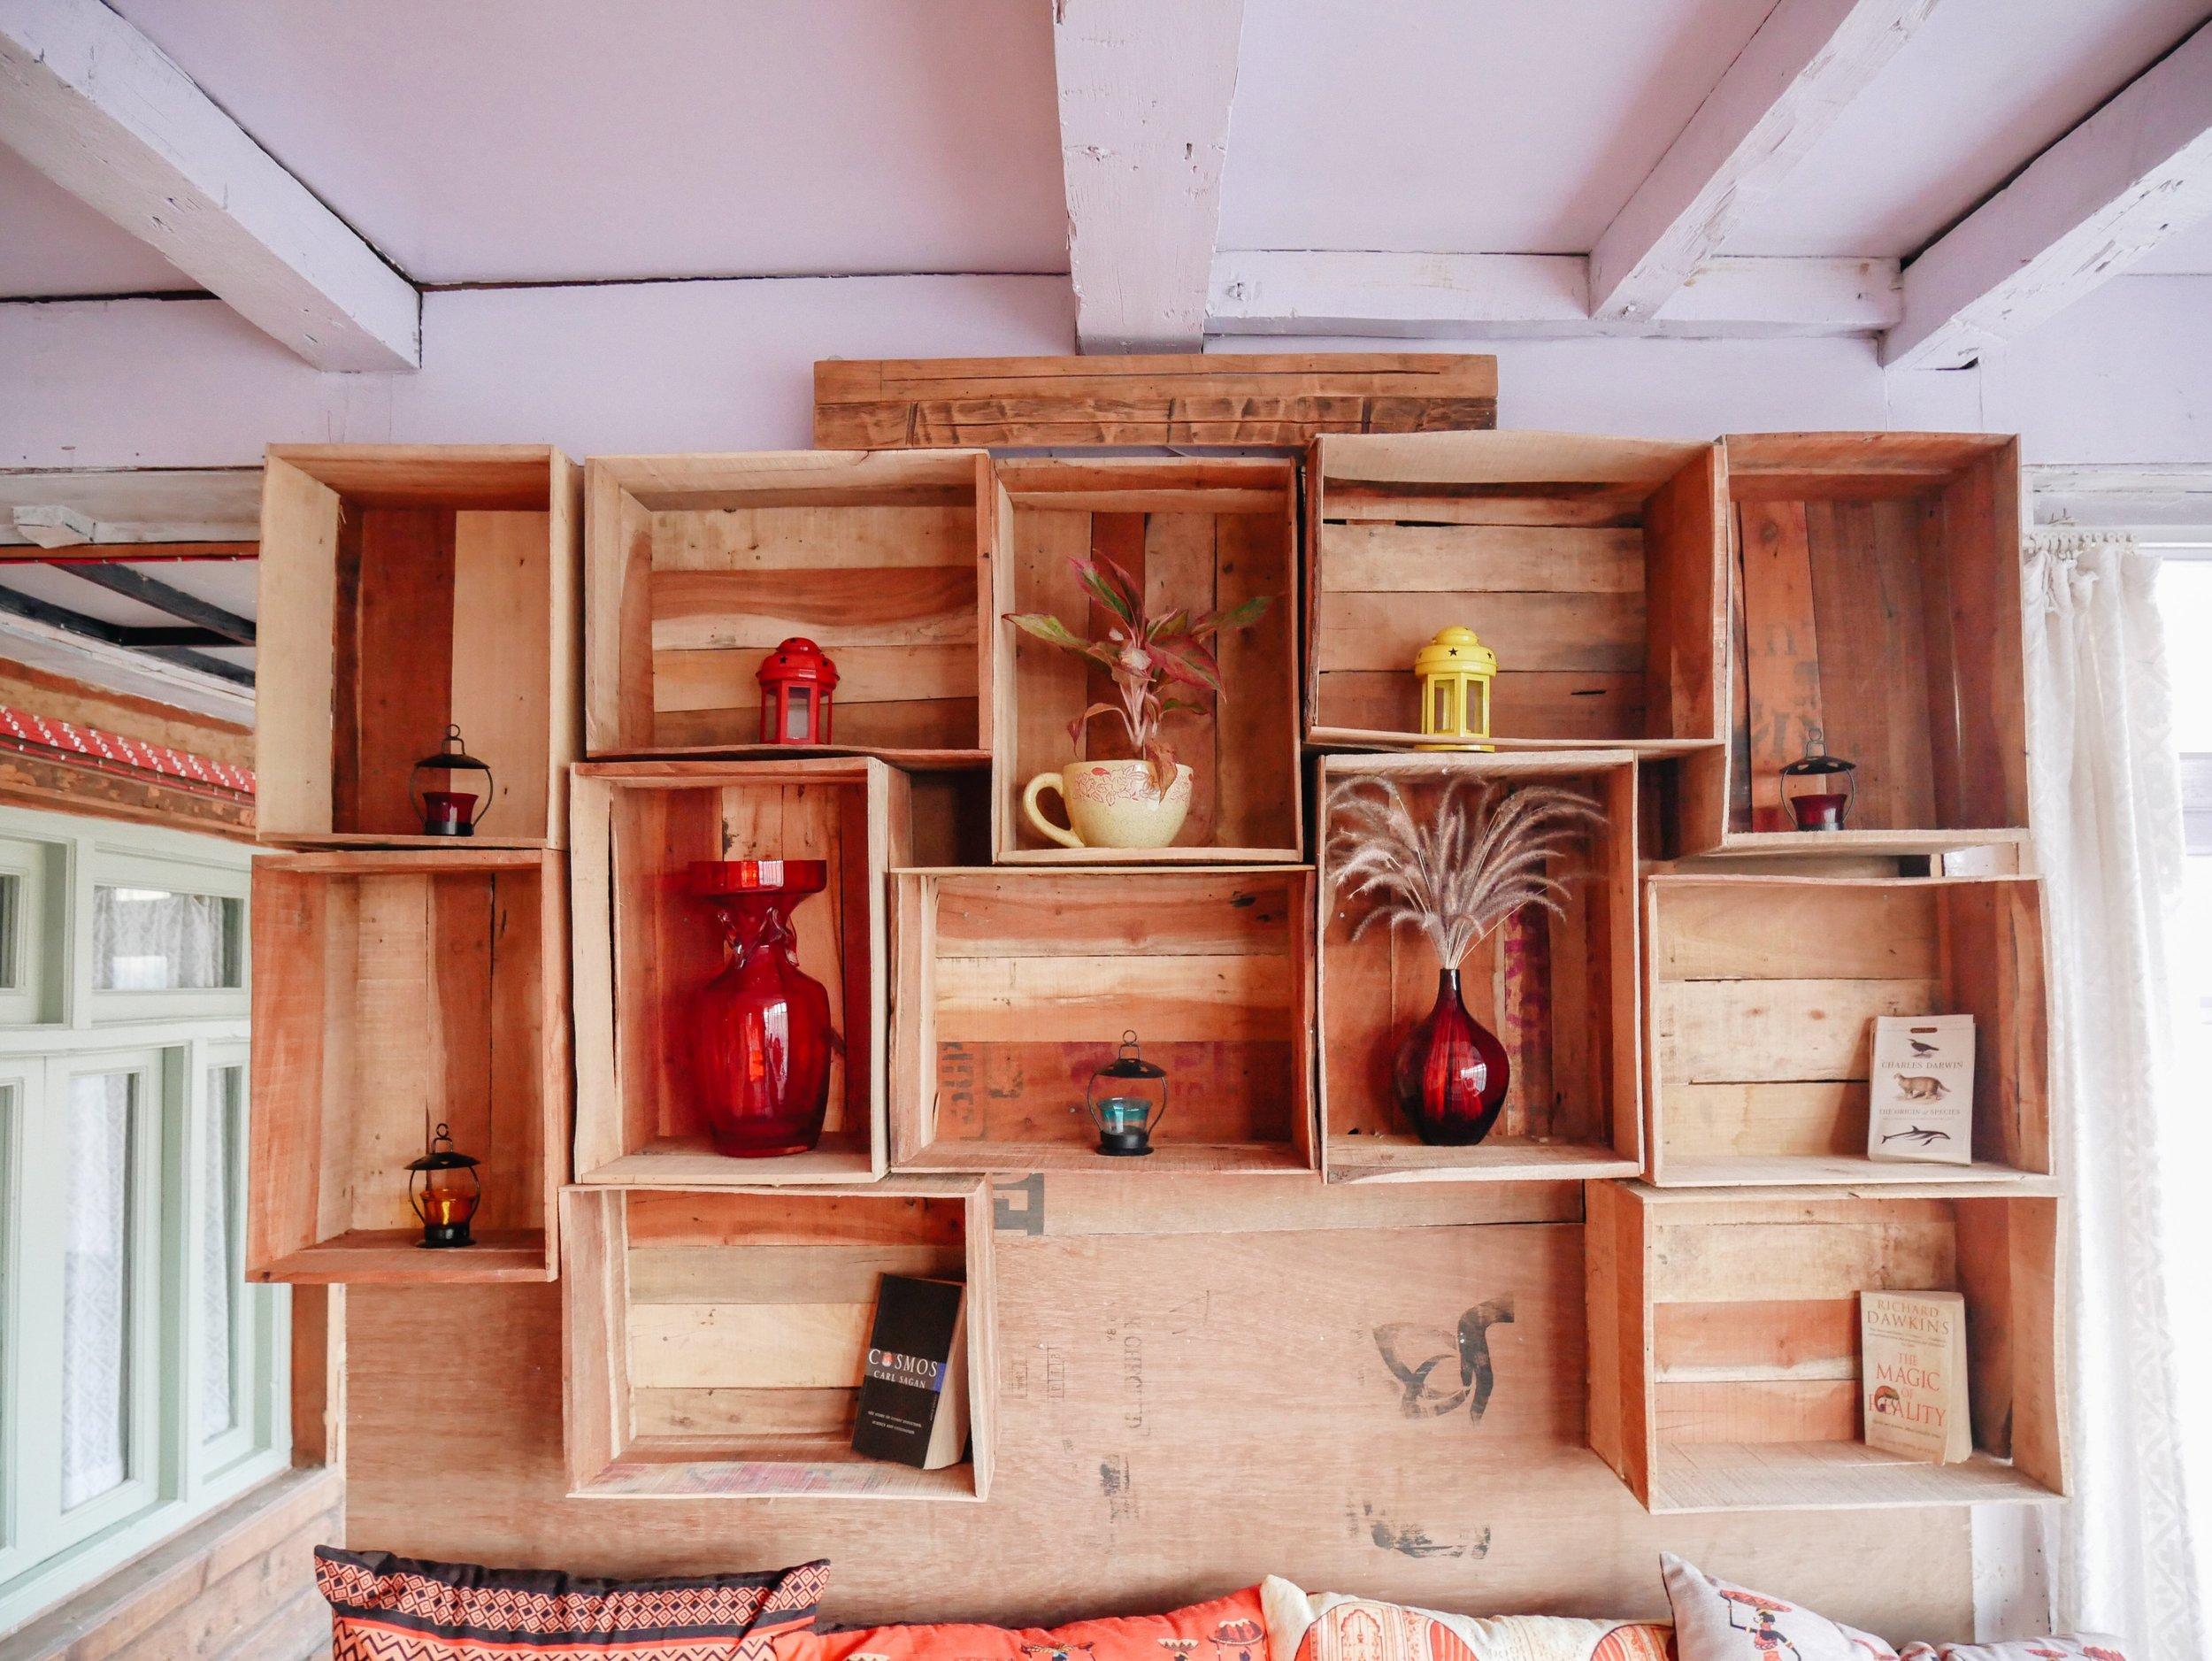 Loved the little shelves!